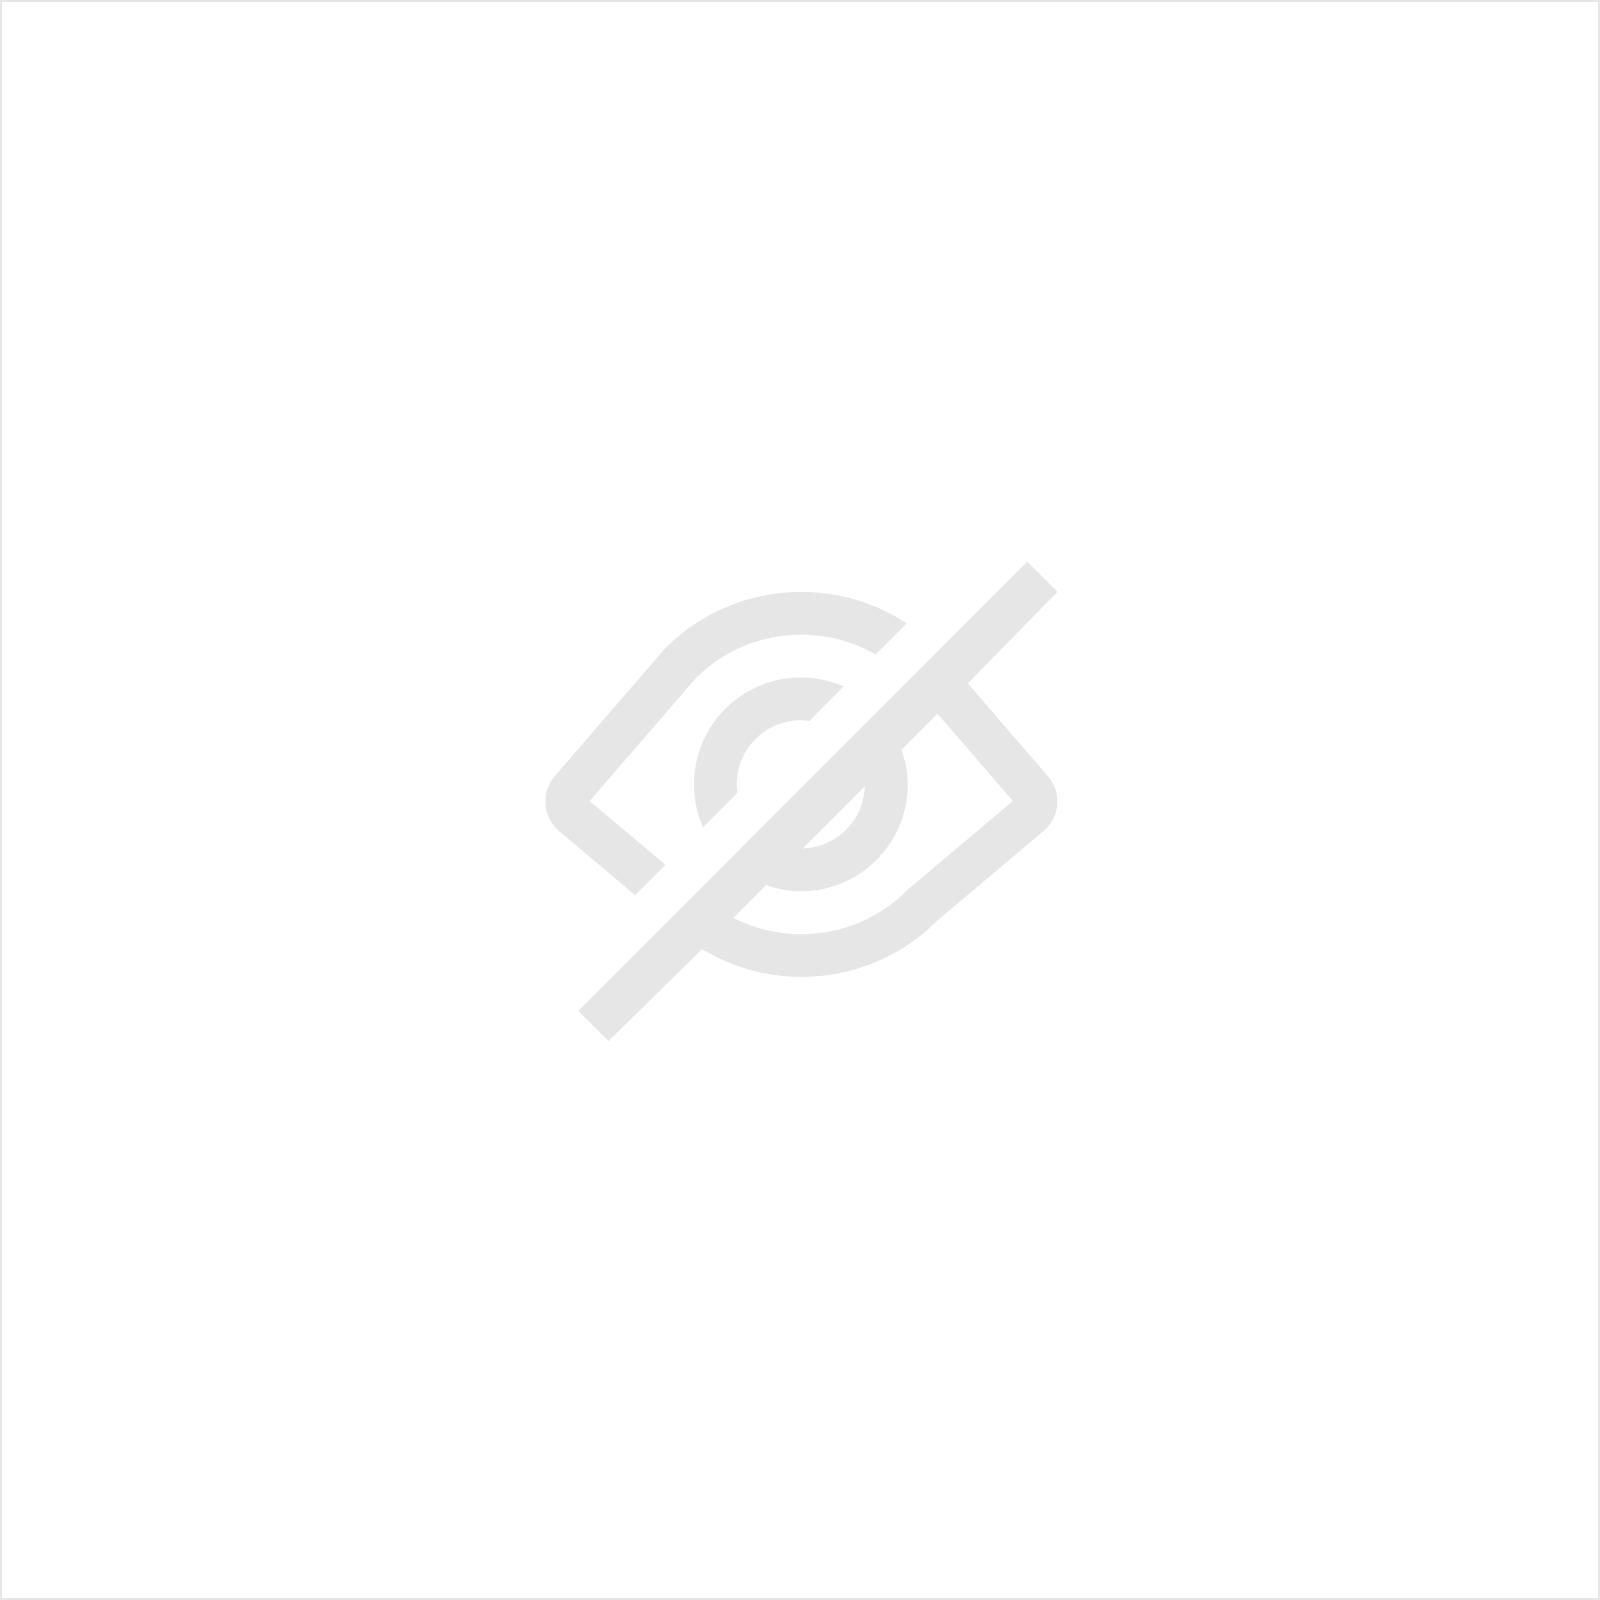 OPTIONEEL WIRING ROLL SET  VOOR BOORD EN LIJSTMACHINE